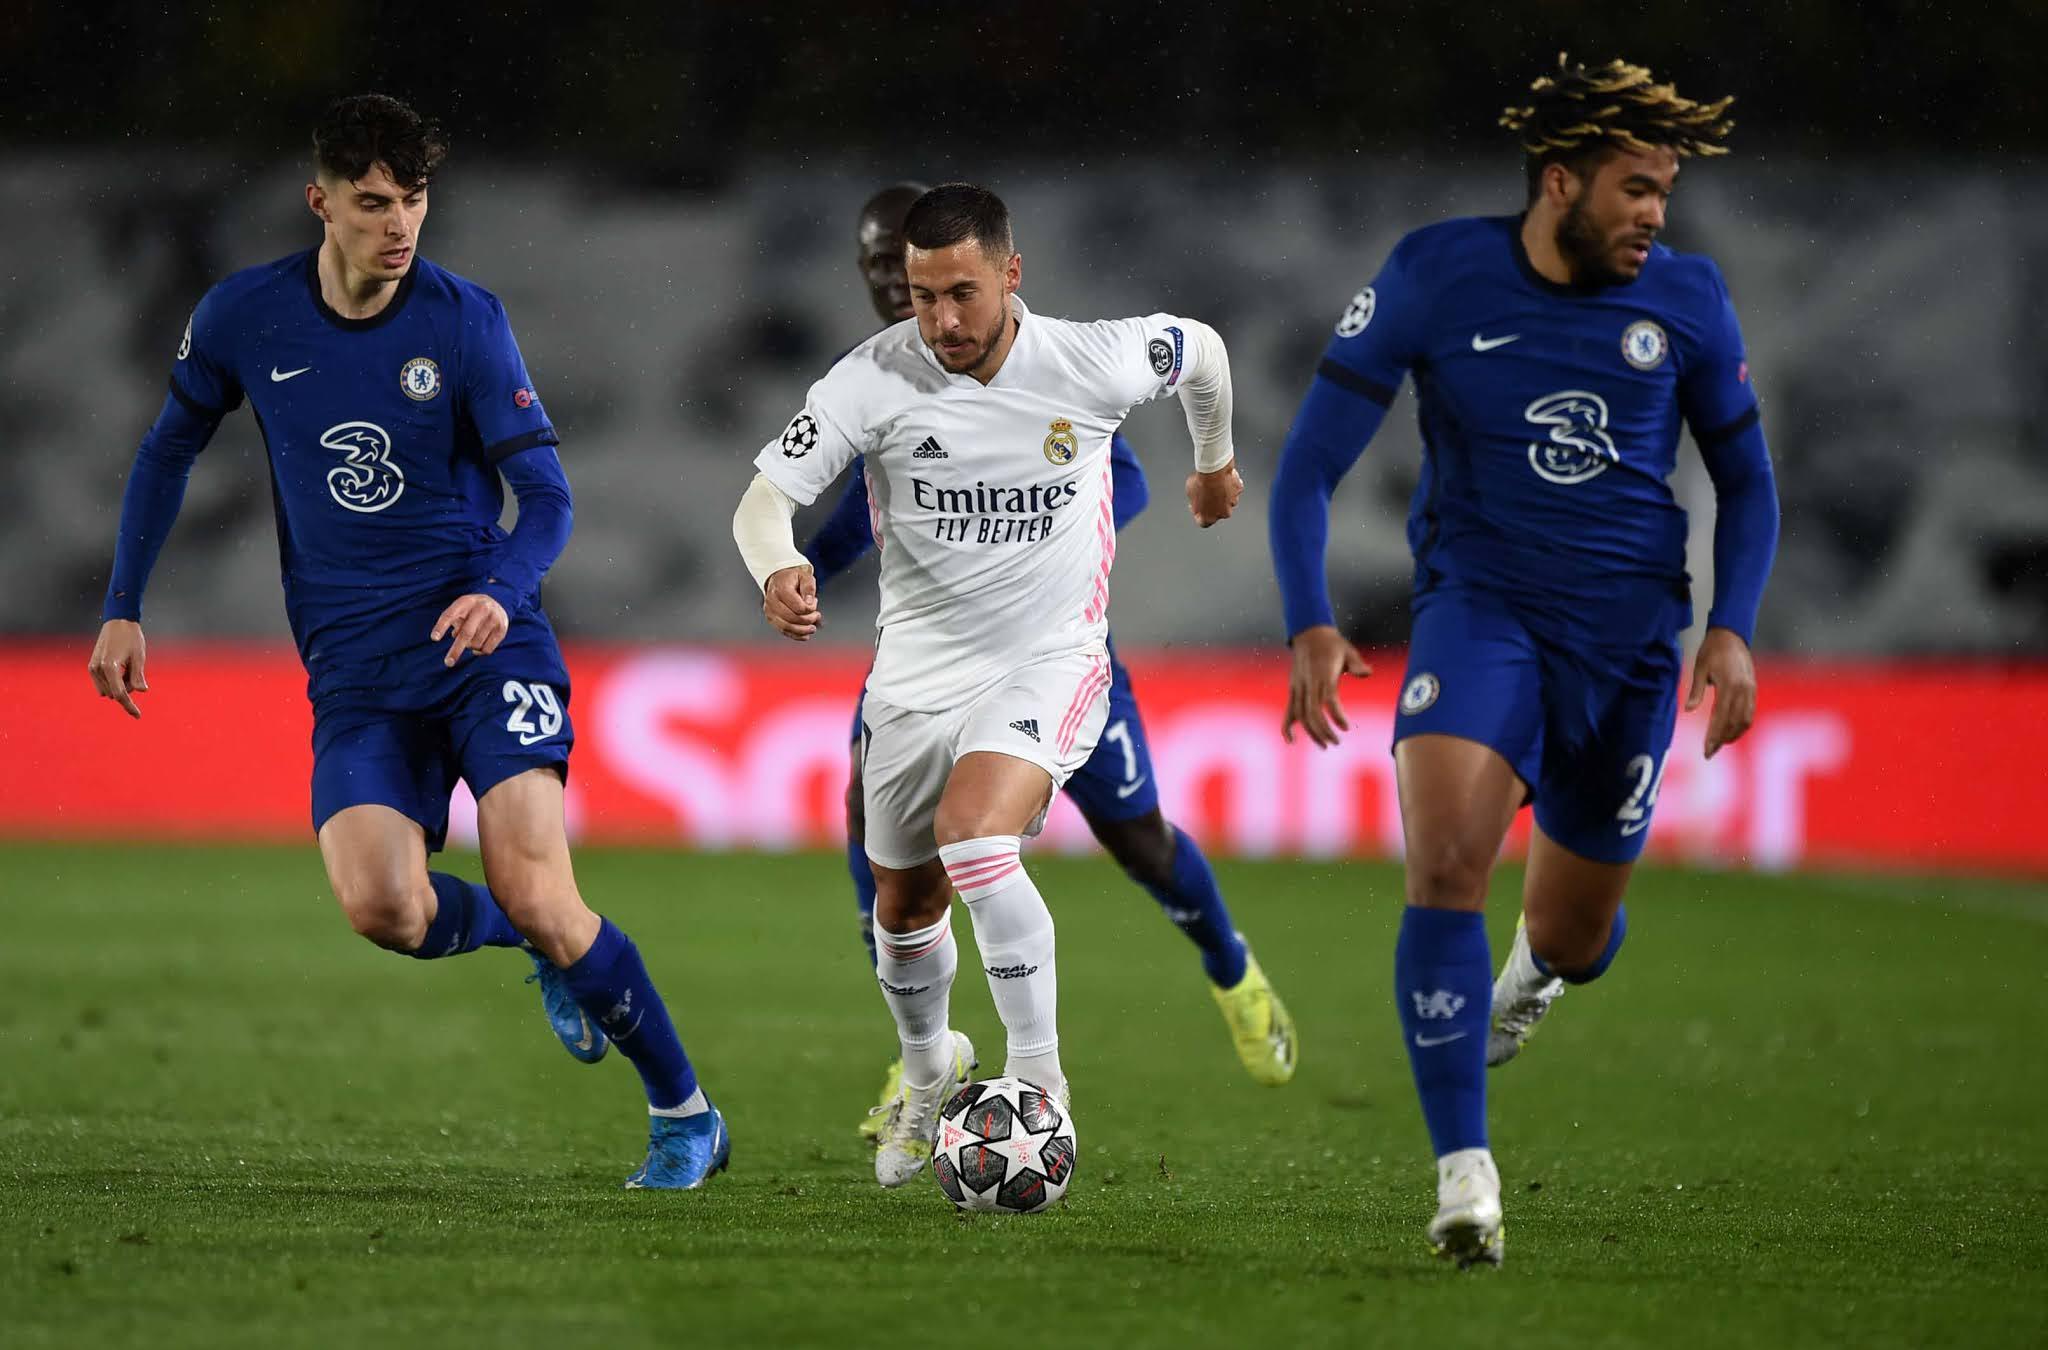 Real Madrid y Chelsea no se sacaron diferencias en la ida de semifinales